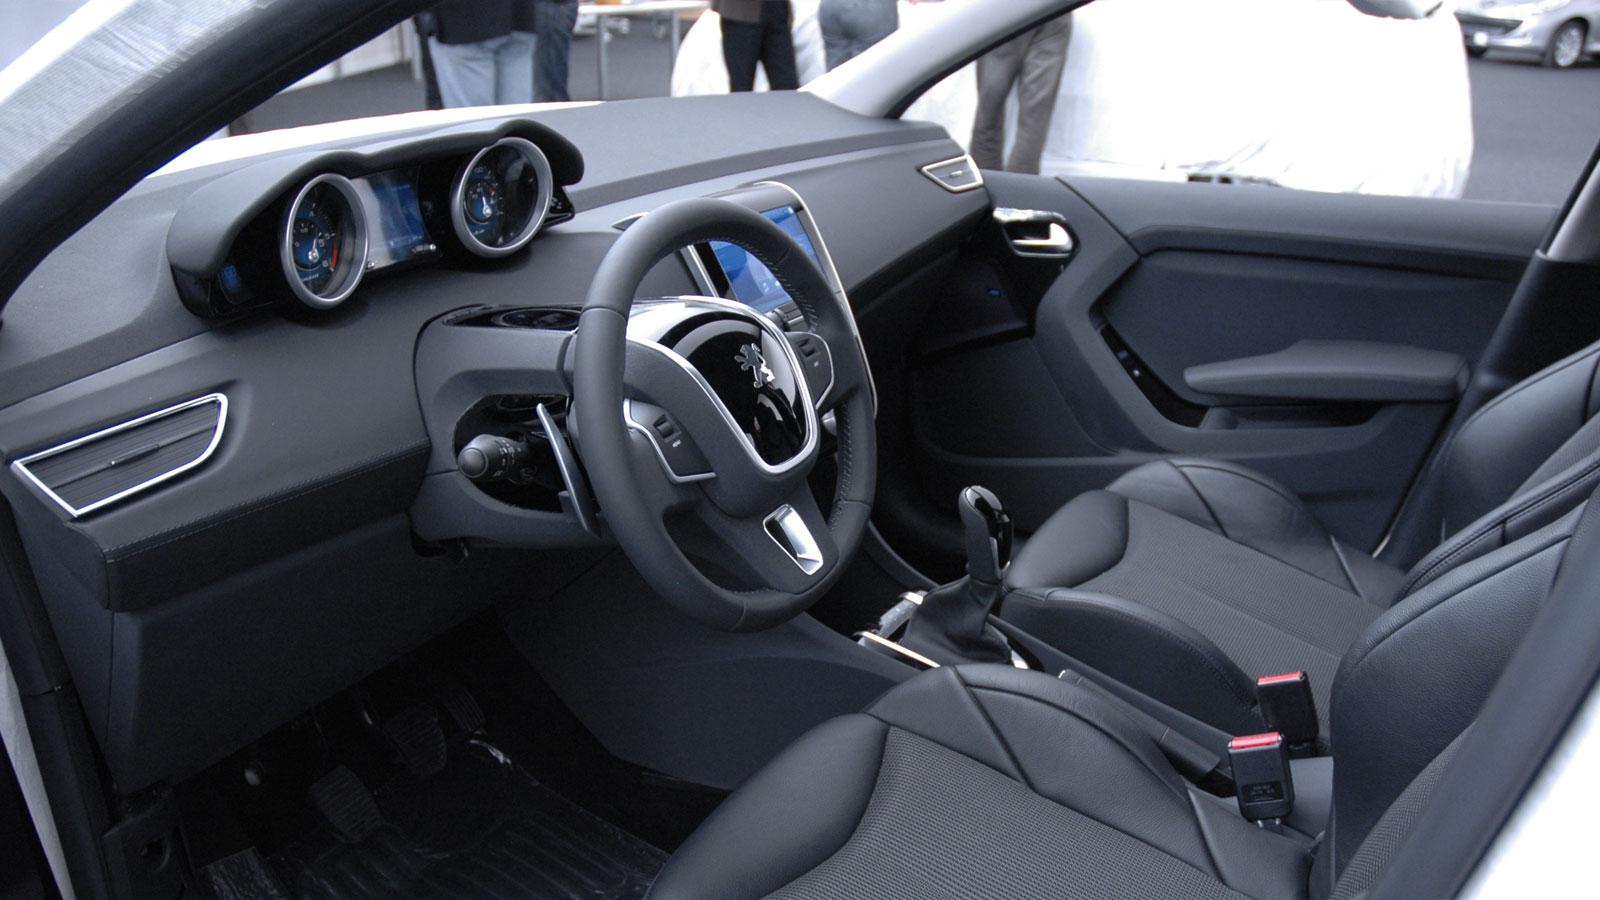 Peugeot 208 Interior Design Model Car Body Design